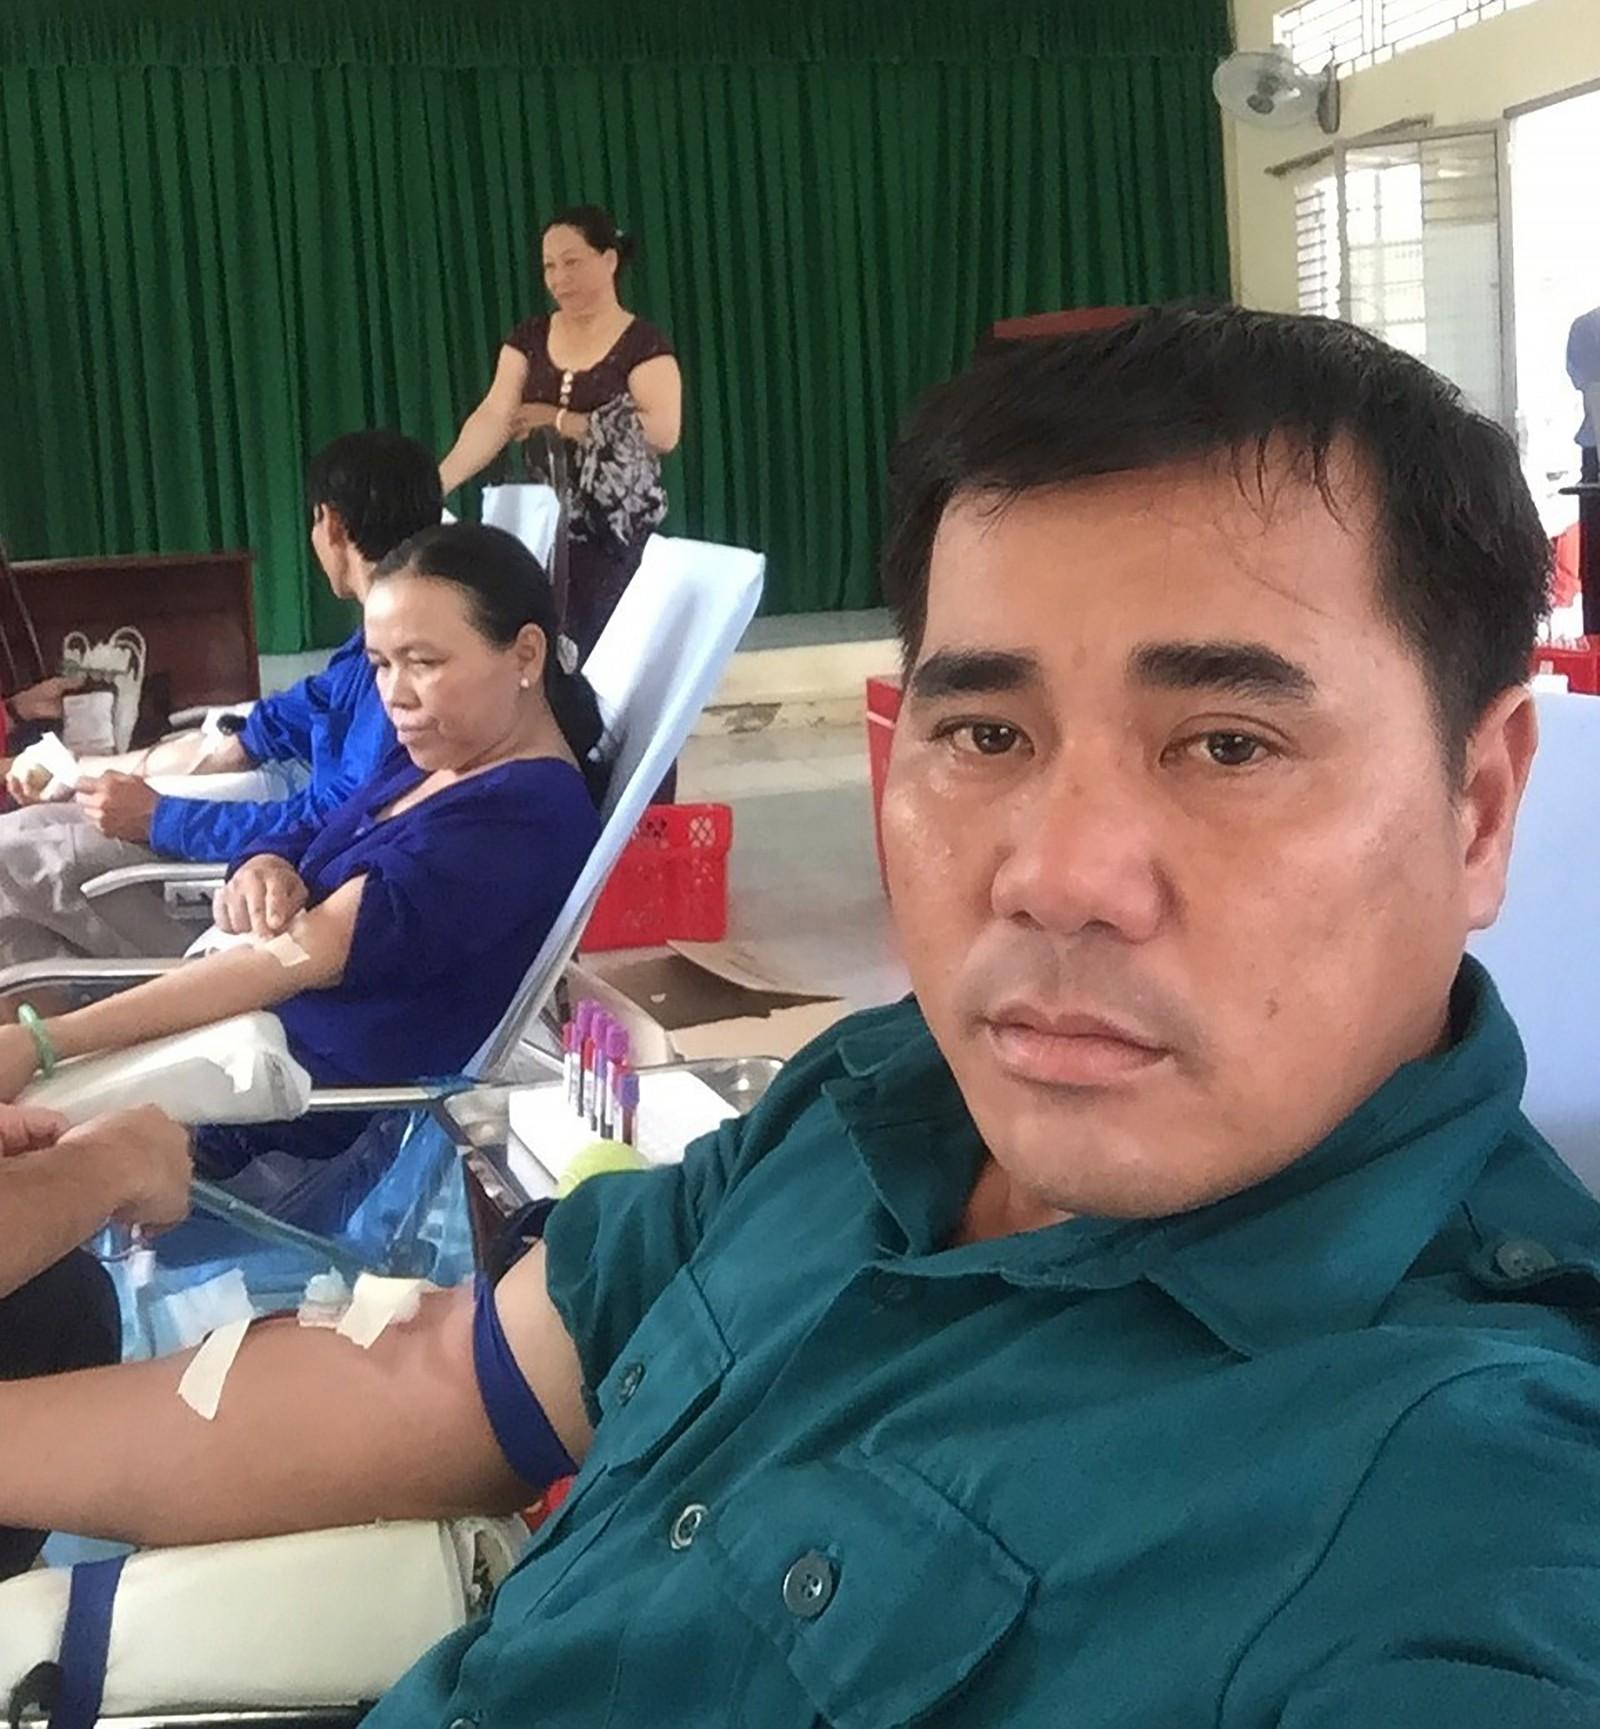 Anh Trần Sỹ Phong đang hiến máu. Ảnh nhân vật cung cấp